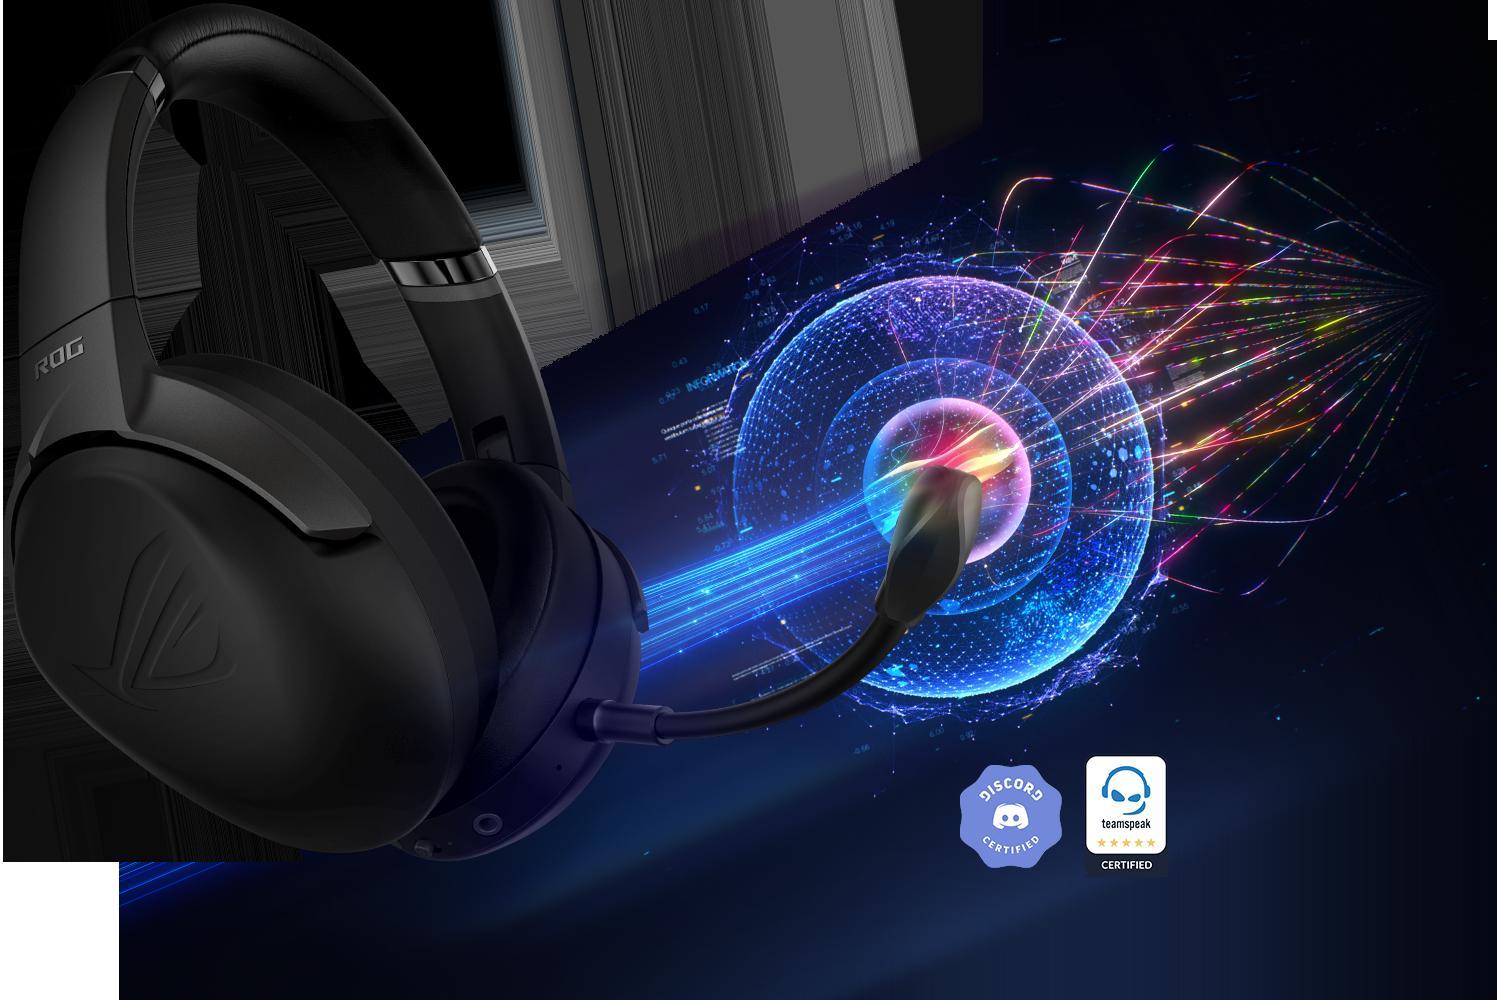 Tai nghe không dây Asus ROG STRIX GO 2.4 tích hợp micro với công nghệ chống ồn bằng AI